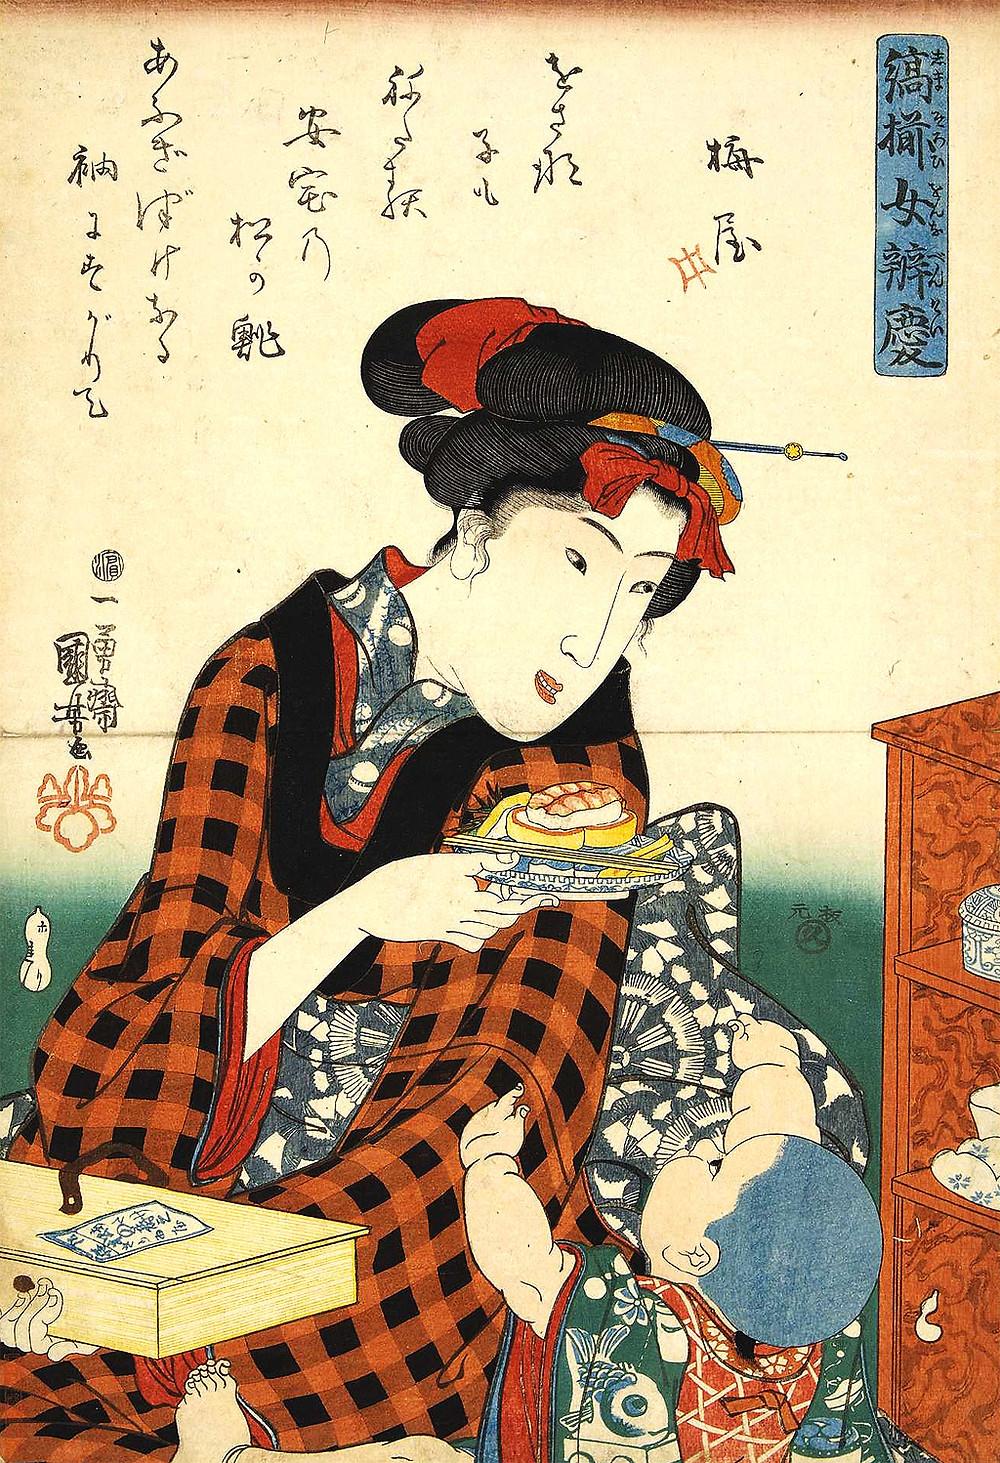 Mulher comendo sushi e criança pedindo, 1844. Biblioteca Metropolitana de Tóquio